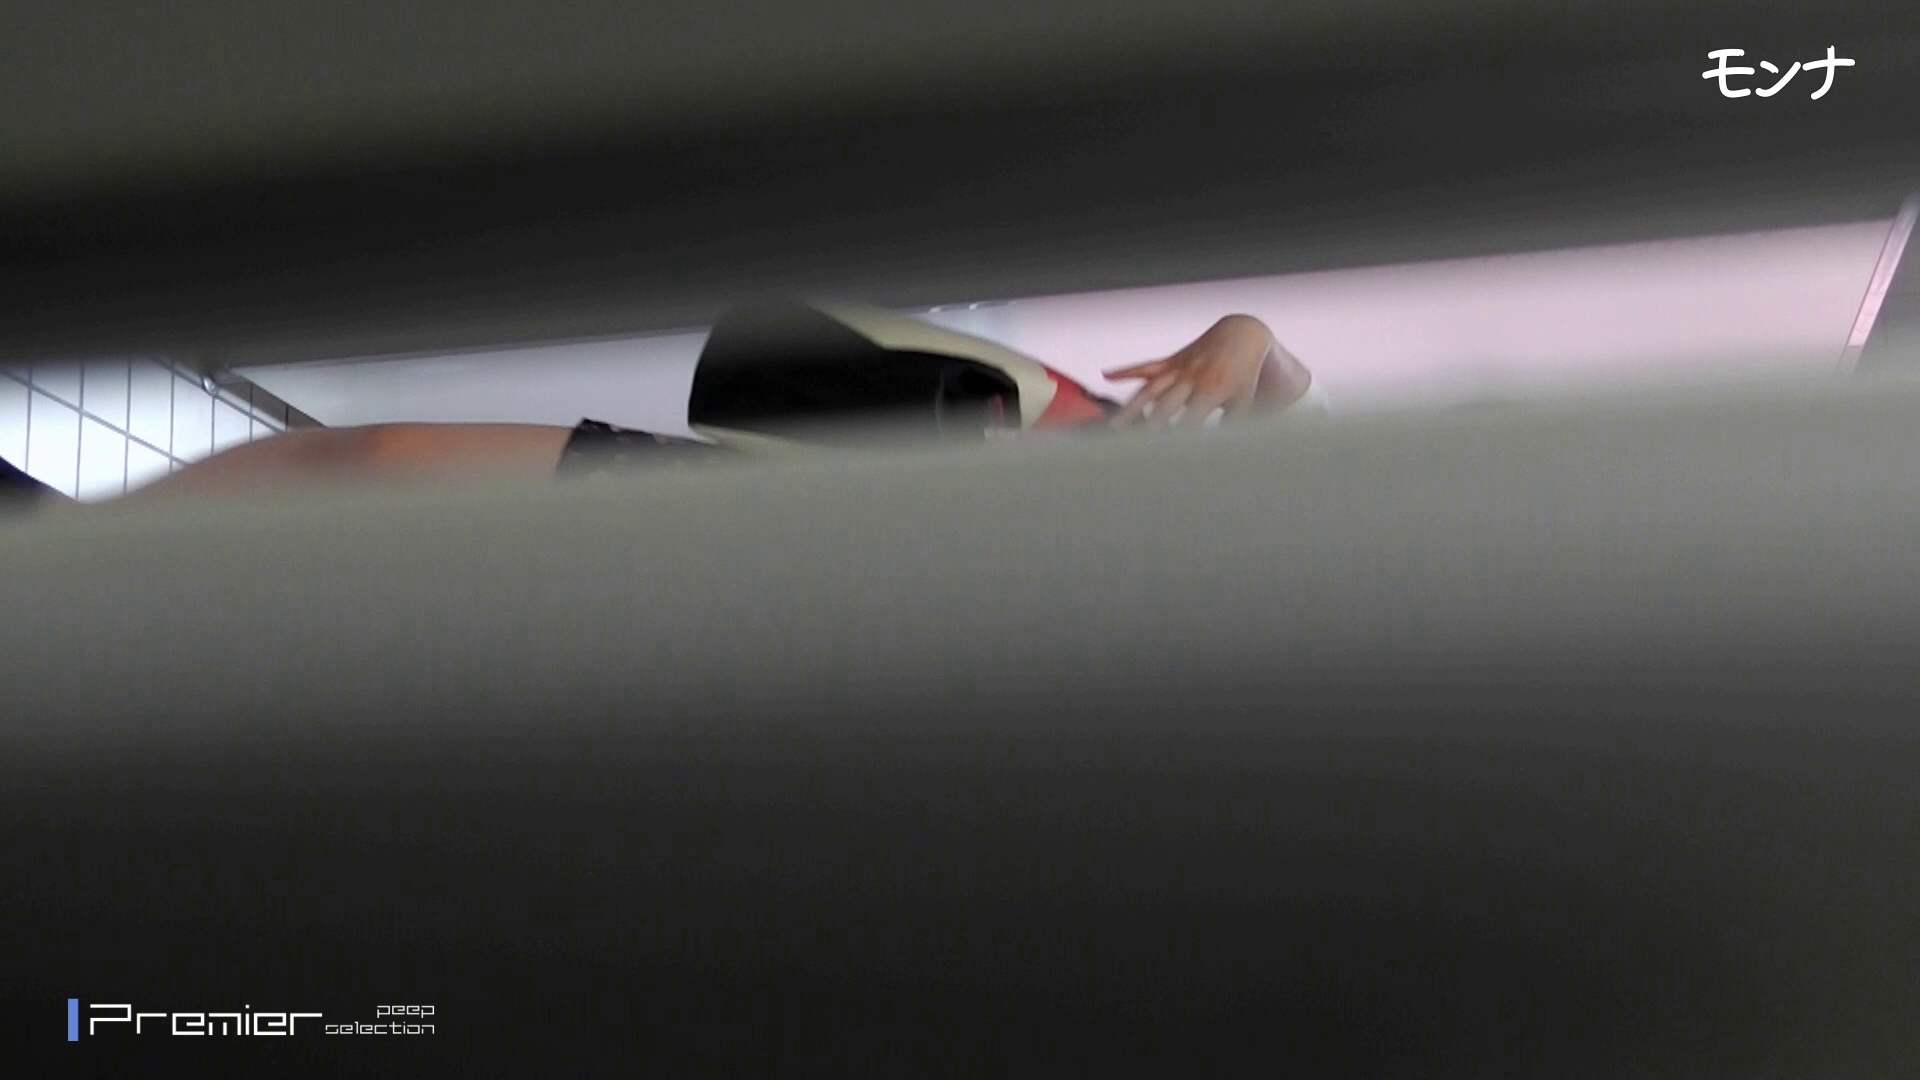 美しい日本の未来 No.73 自然なセクシーな仕草に感動中 盗撮映像大放出 おまんこ無修正動画無料 100連発 38